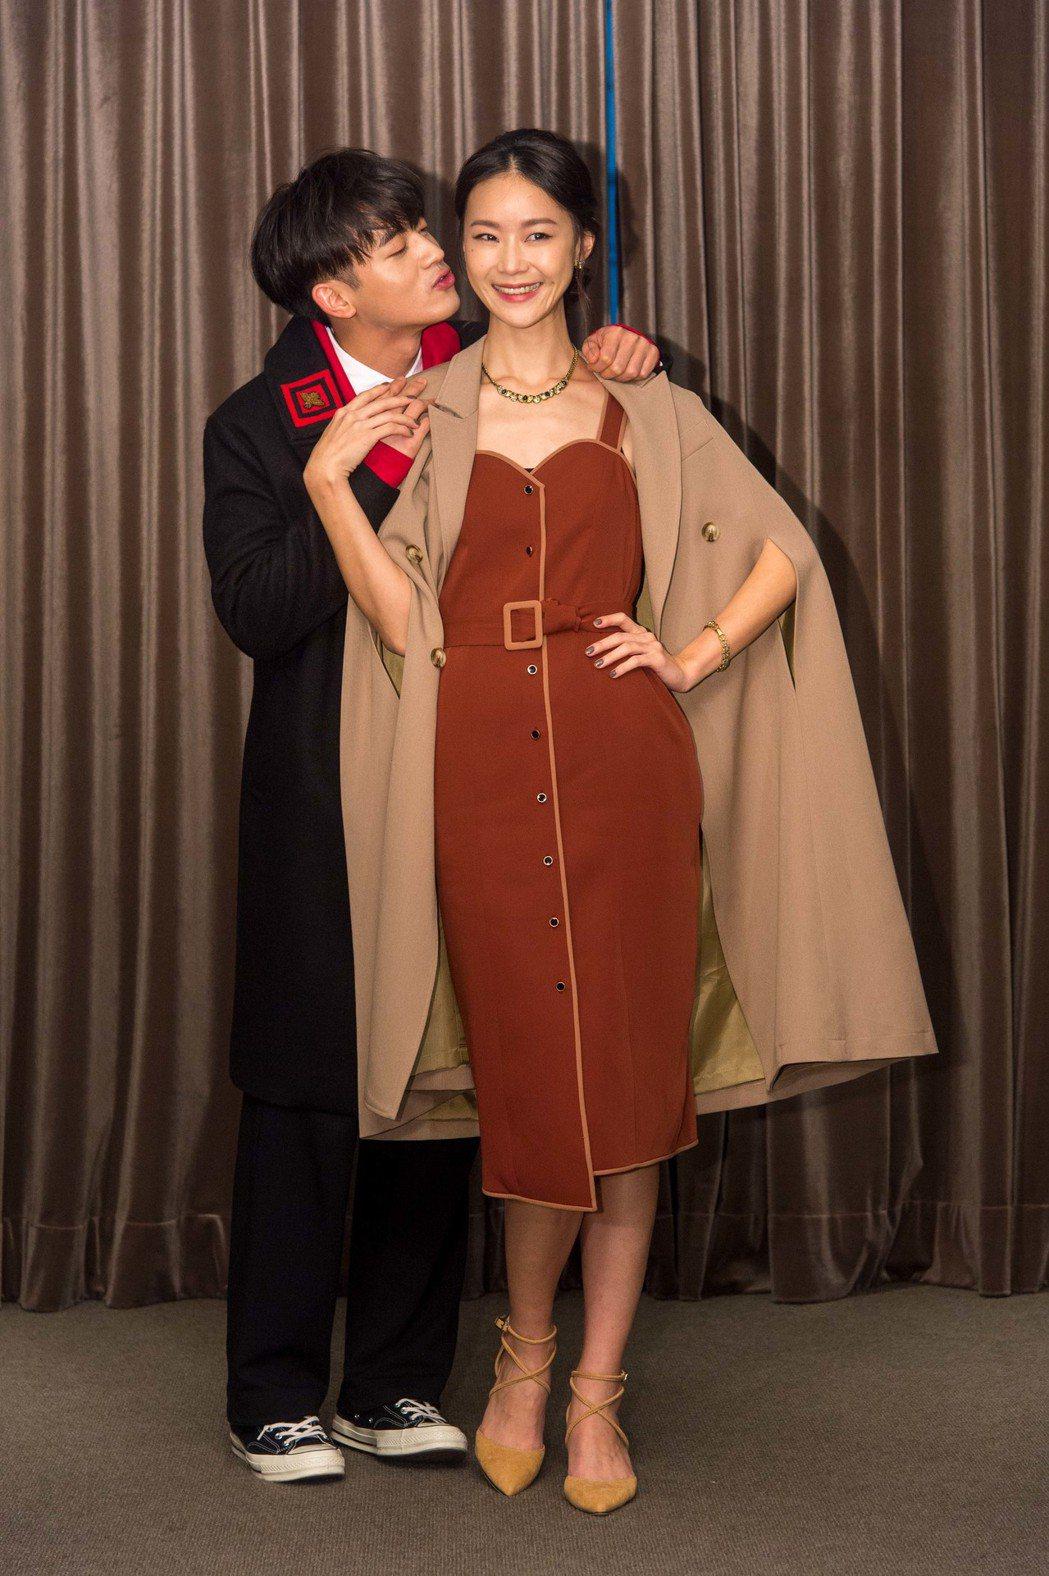 小樂吳思賢(左)與鍾瑶演姊弟戀,小樂笑說鍾瑶現在視力很好。圖/三立提供